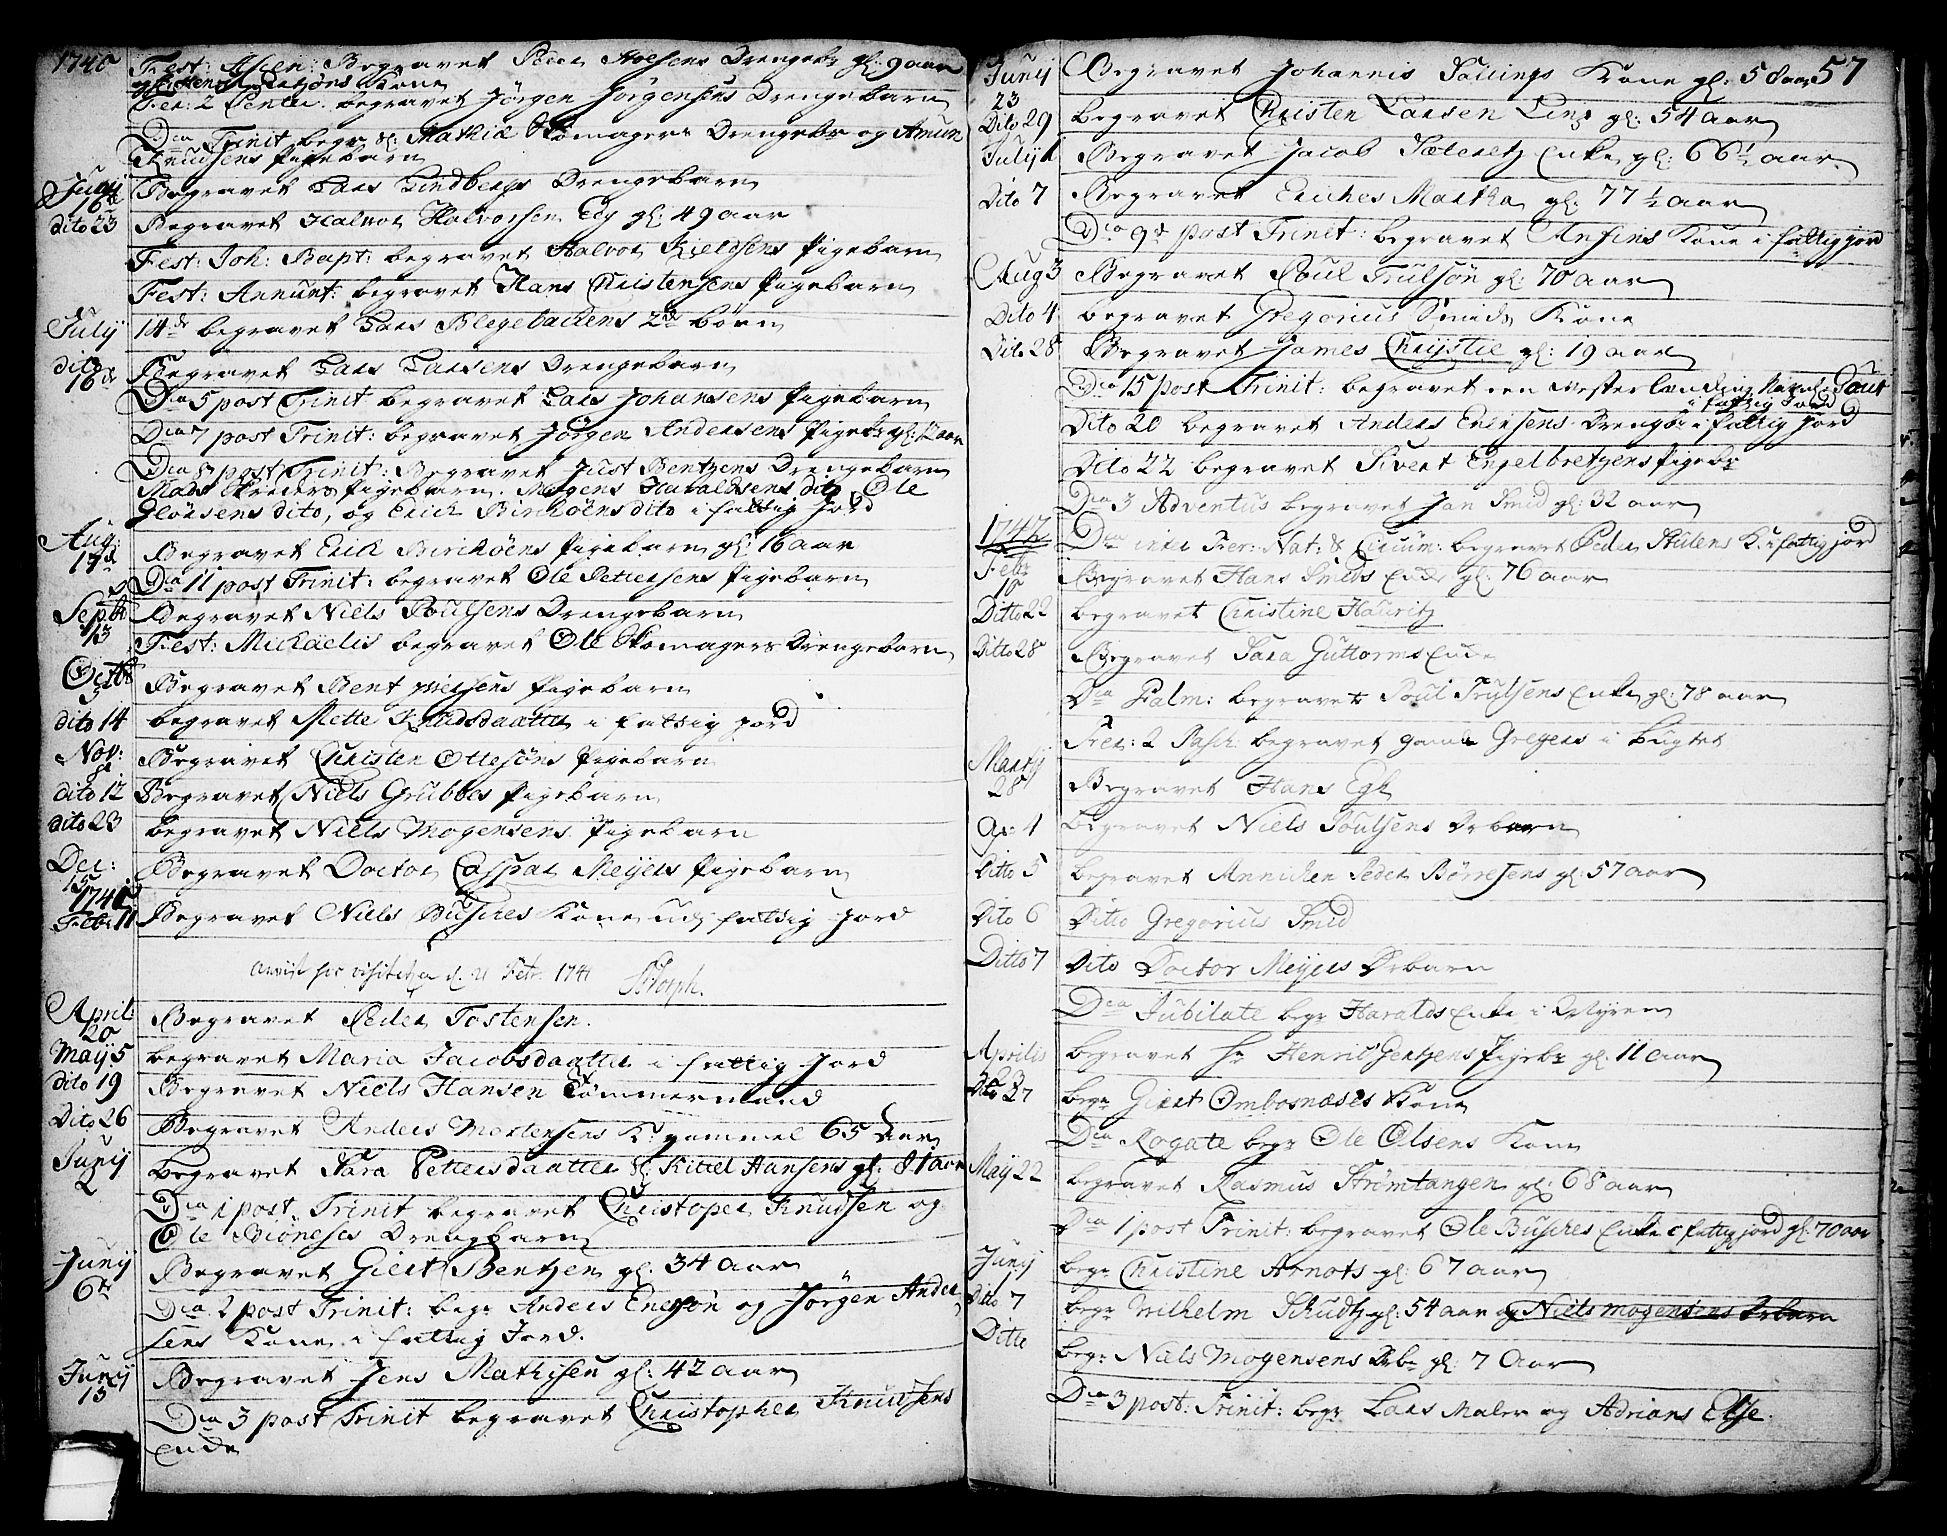 SAKO, Brevik kirkebøker, F/Fa/L0002: Ministerialbok nr. 2, 1720-1764, s. 57